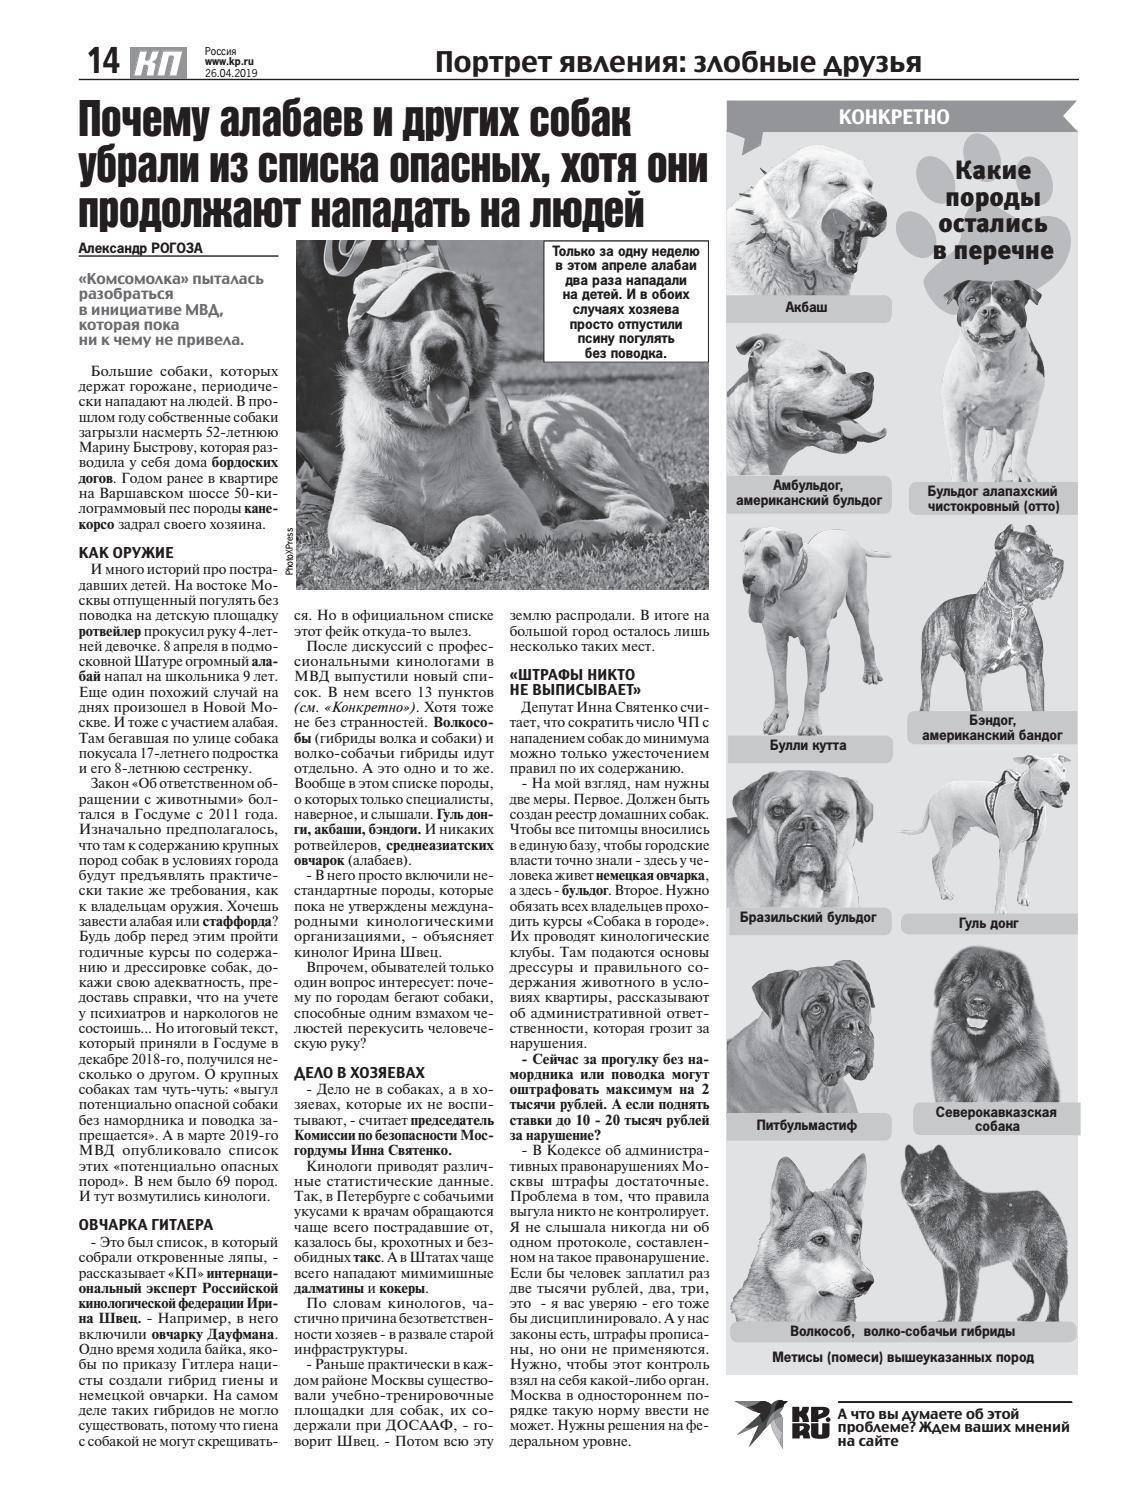 Опасные породы собак - топ 10 самых опасных пород в мире